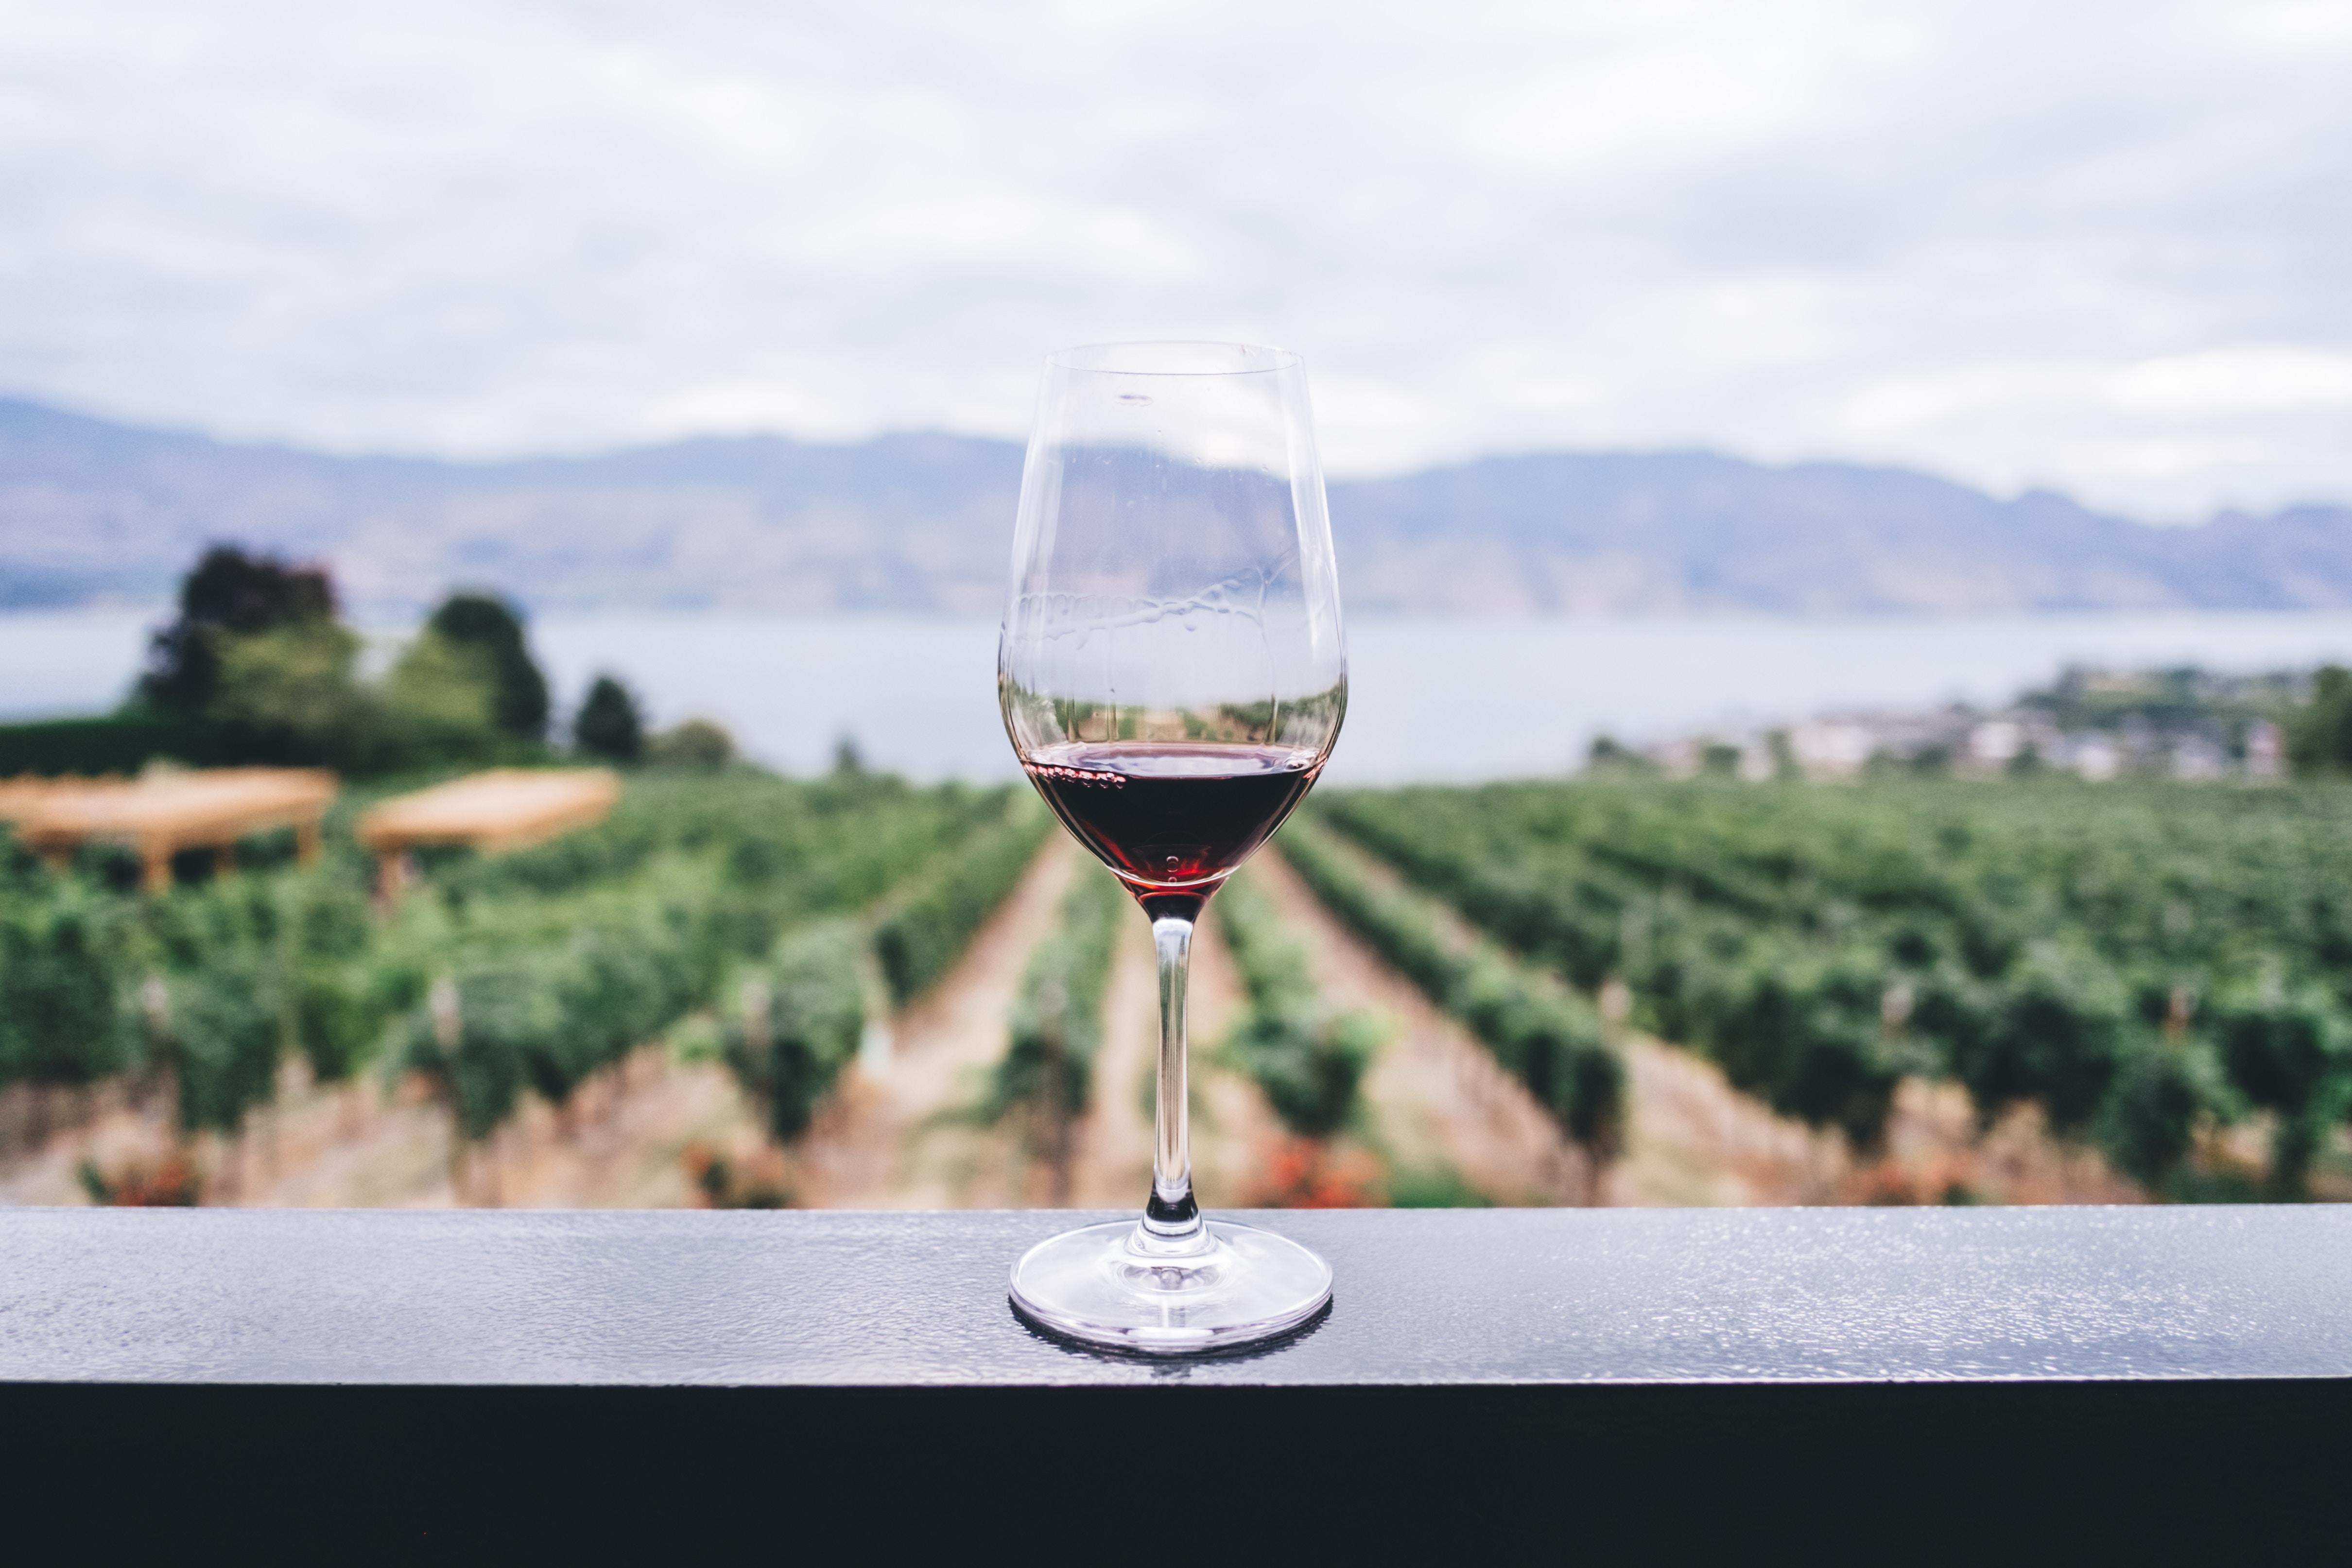 Ungarischer Wein - ein außergewöhnliches Geschenk!